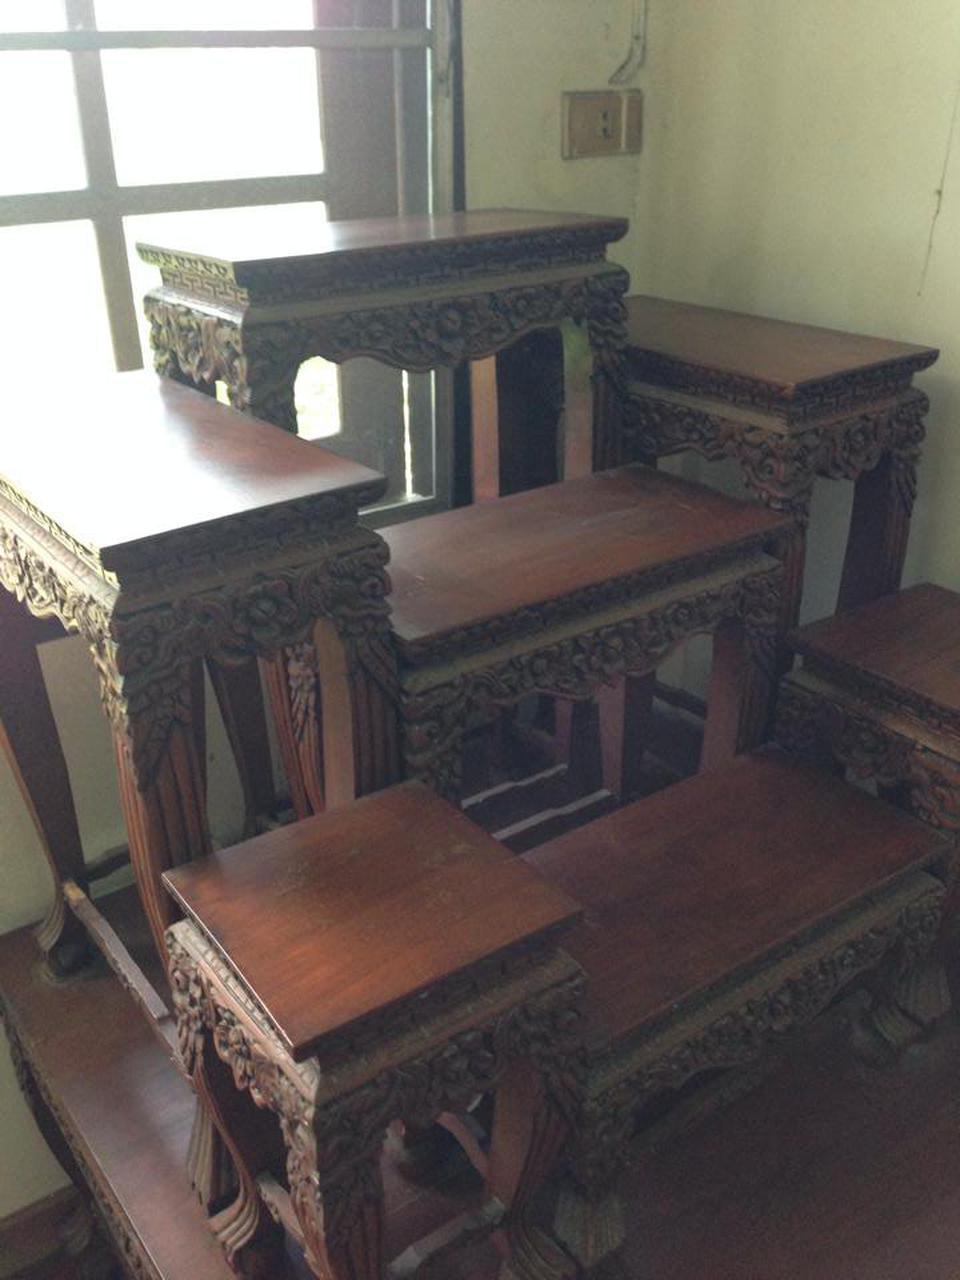 โต๊ะหมู่บูชา ไม้สัก รูปที่ 2